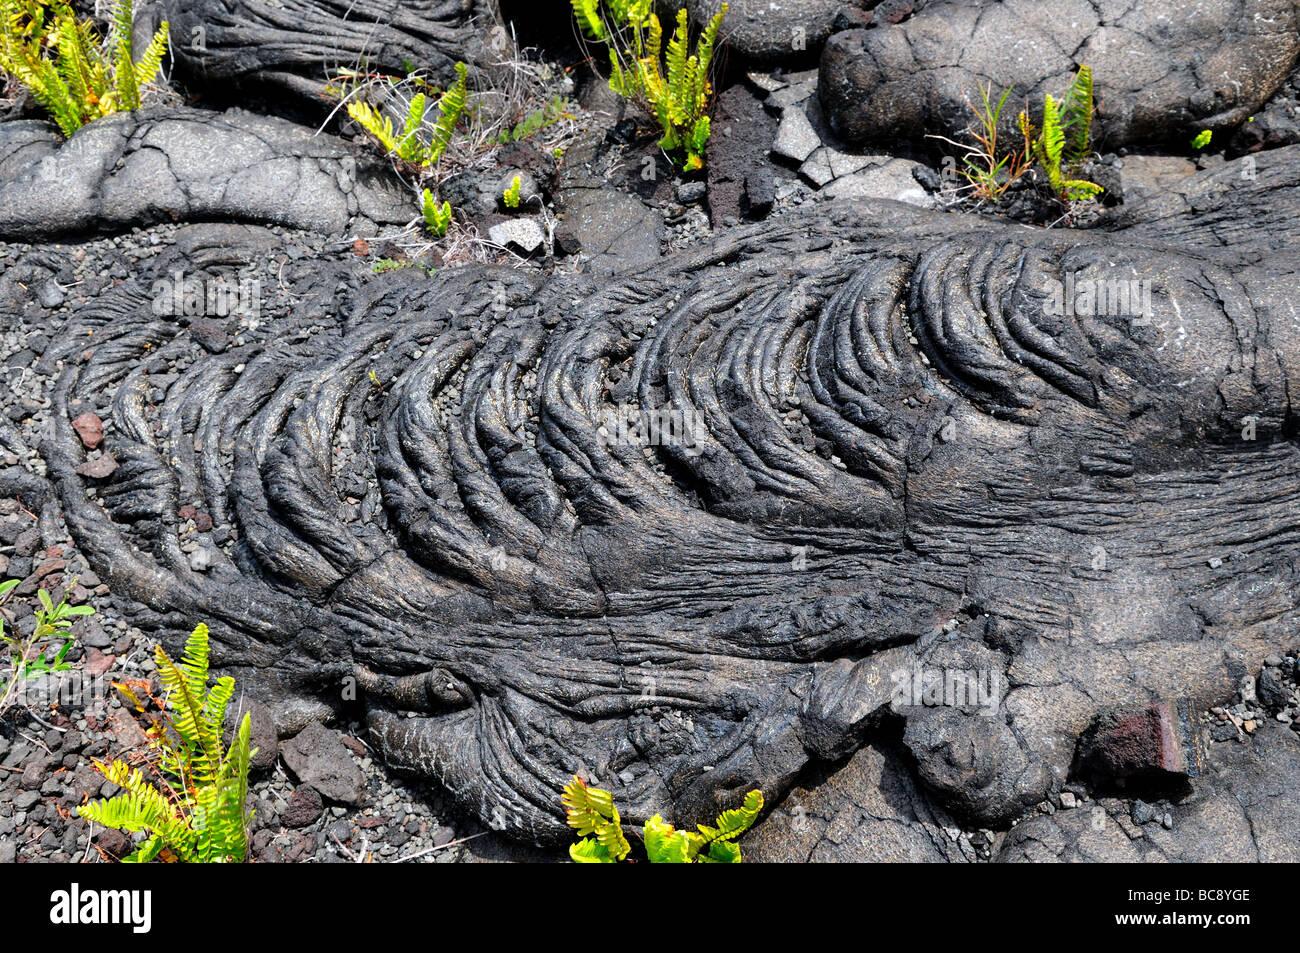 Basalt lava flow, Hawaii, USA. - Stock Image